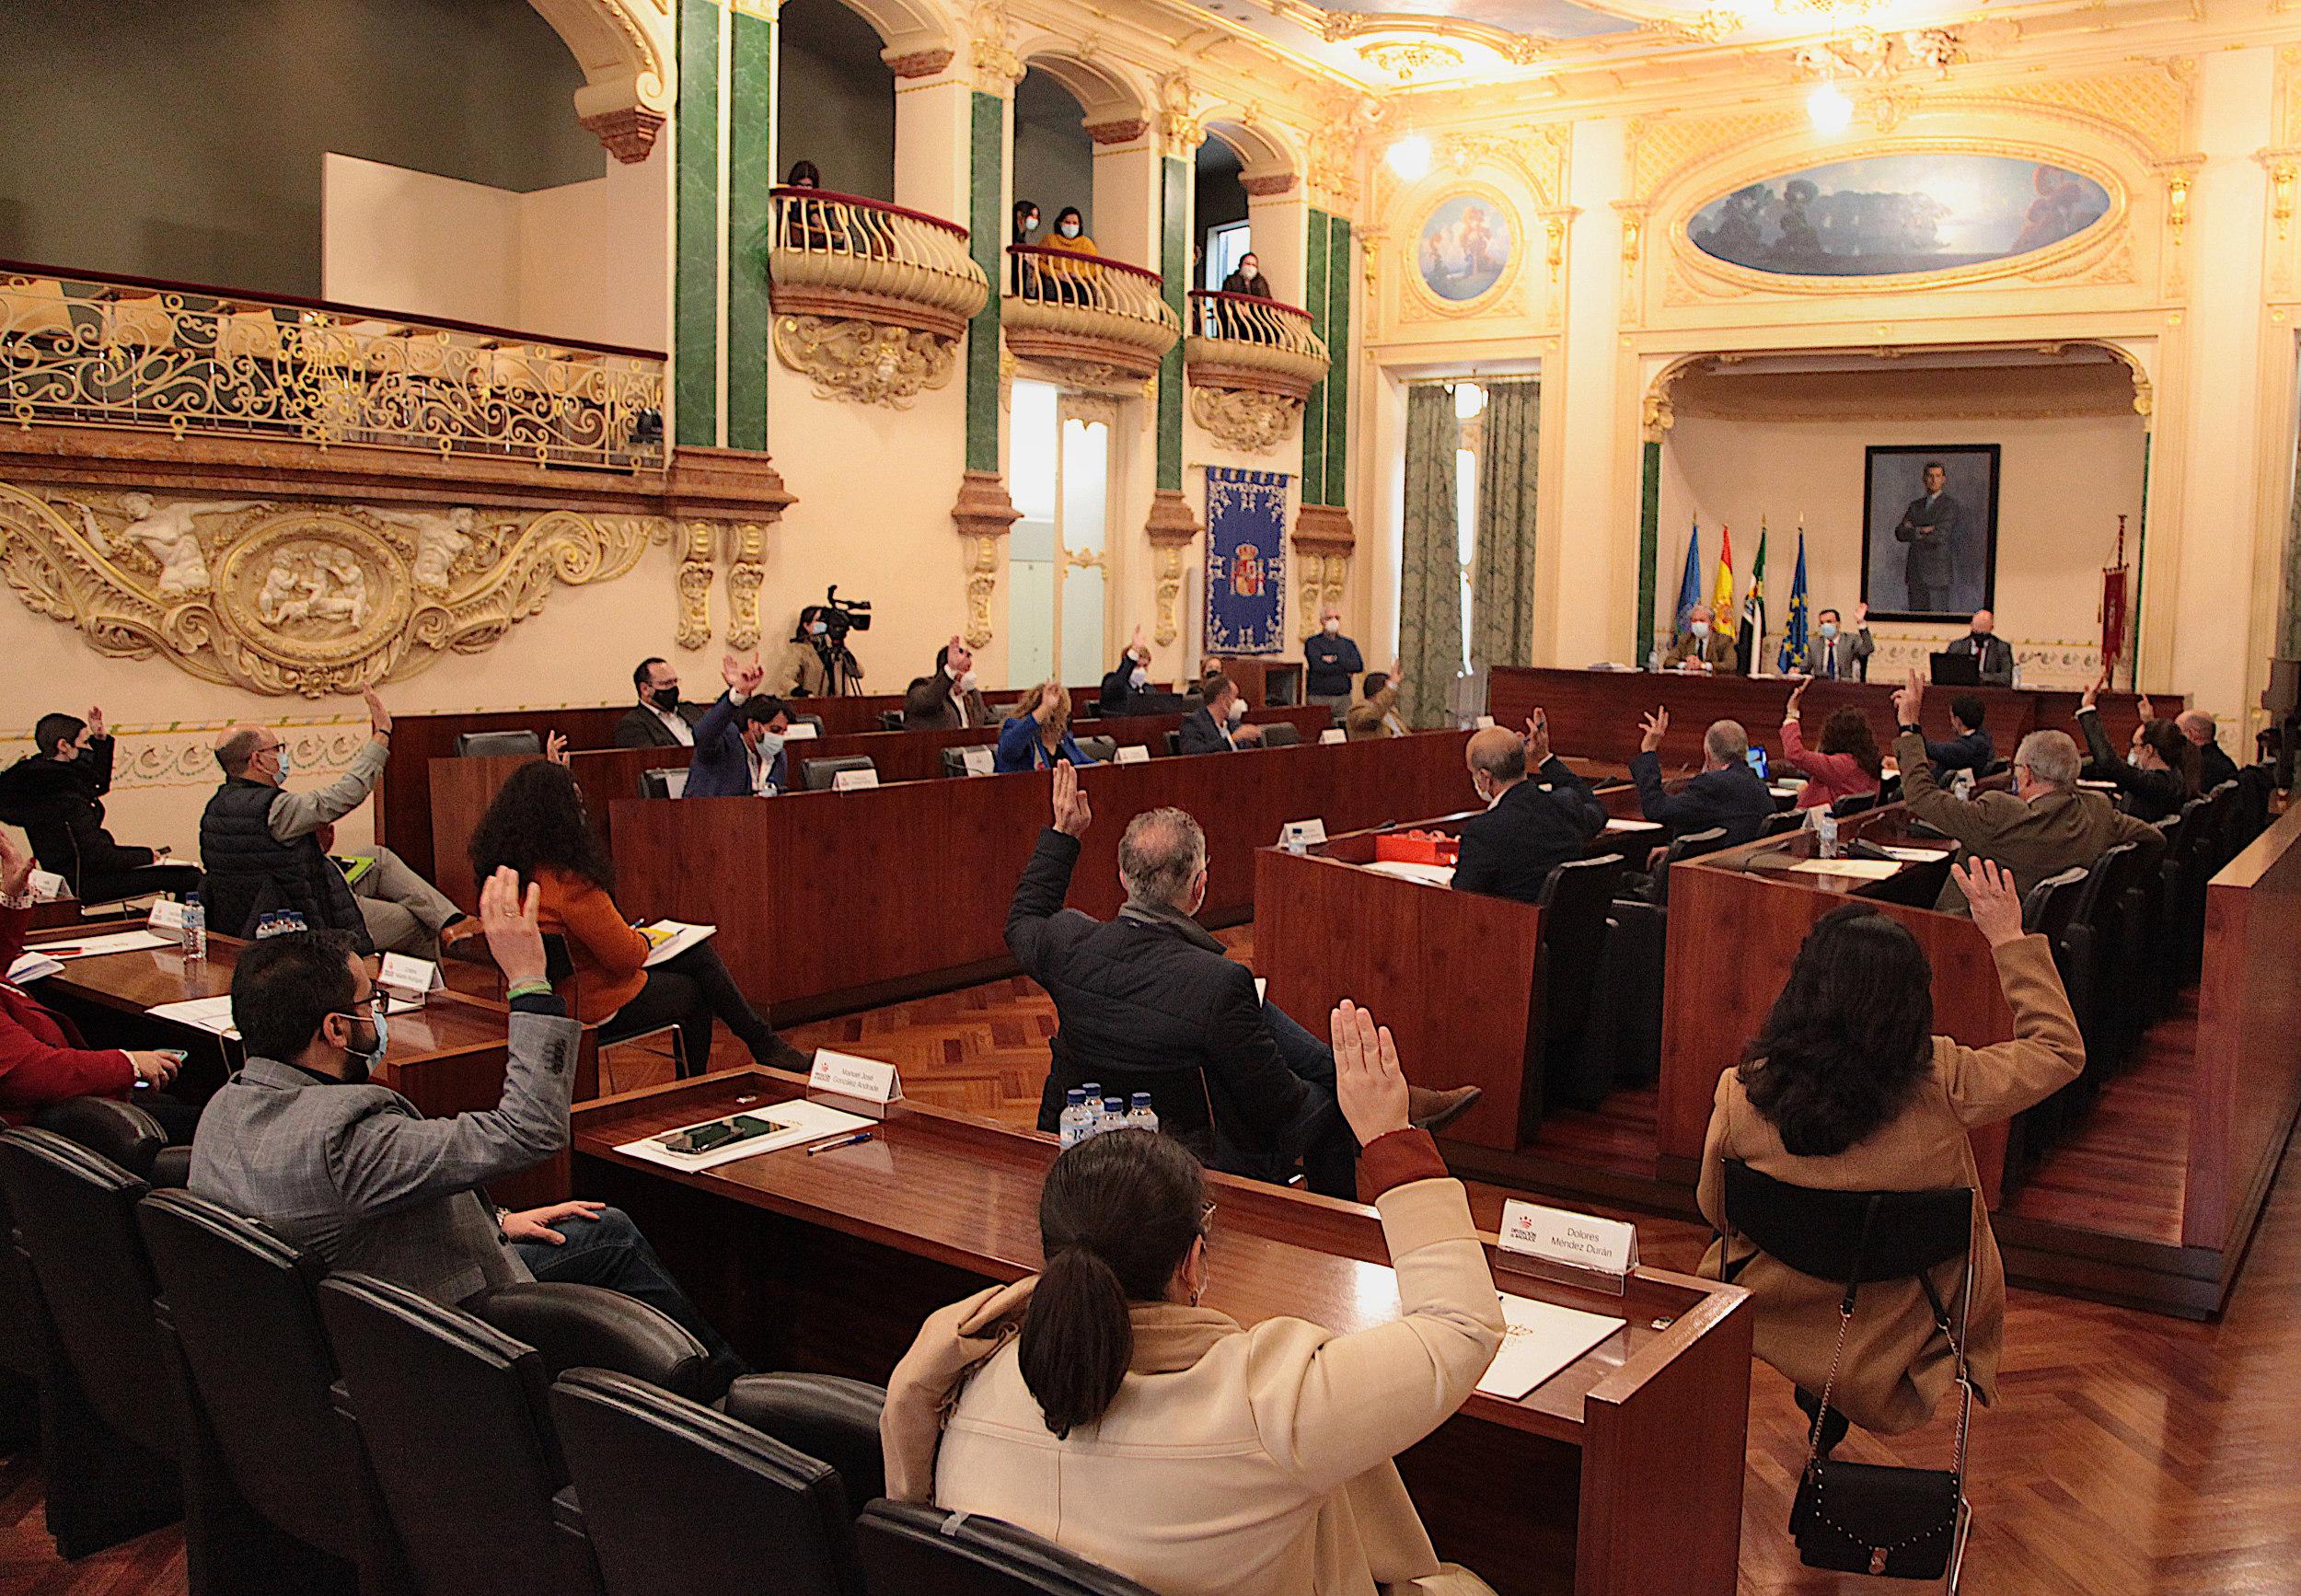 Imagen de la noticia: La Diputación aprueba en pleno el presupuesto 201 ...